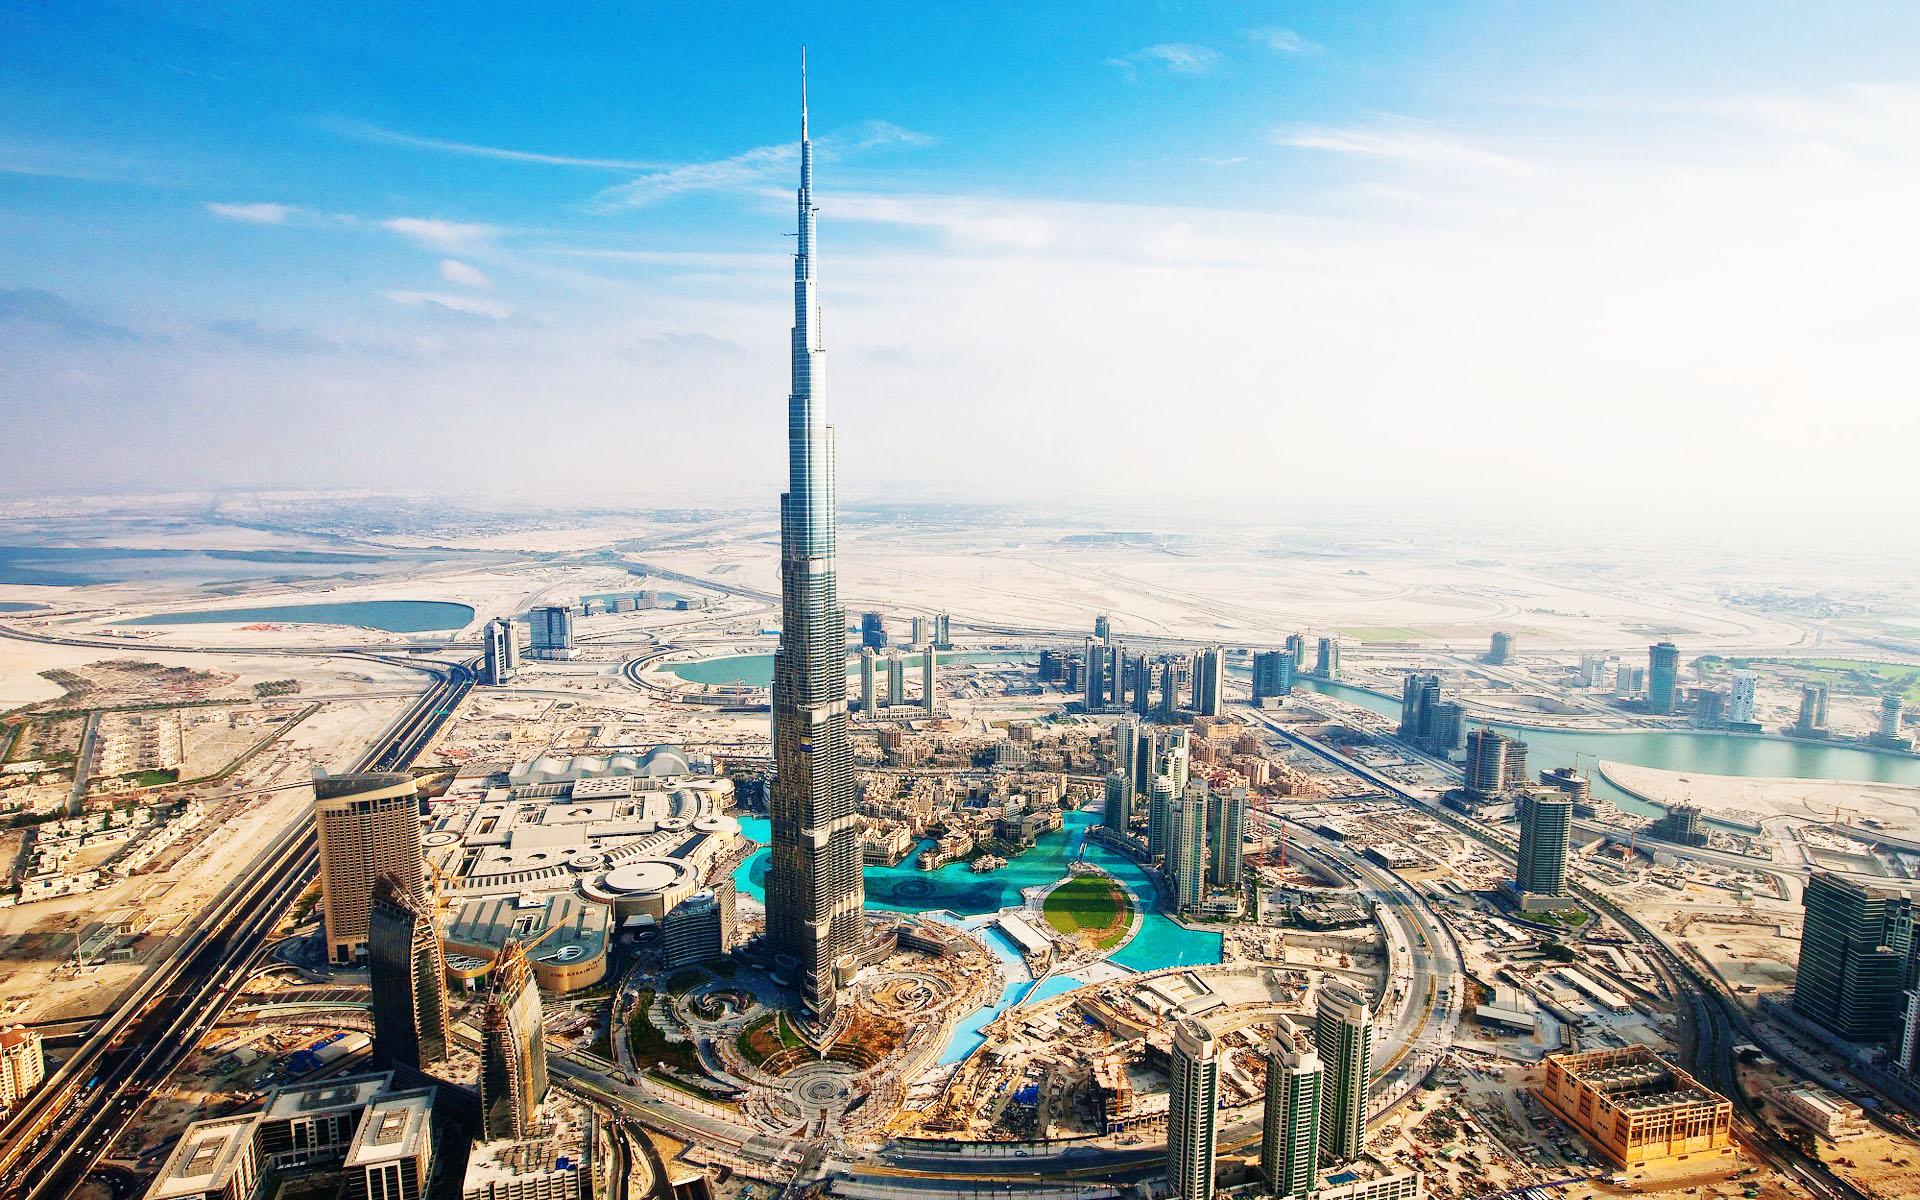 Dubaija